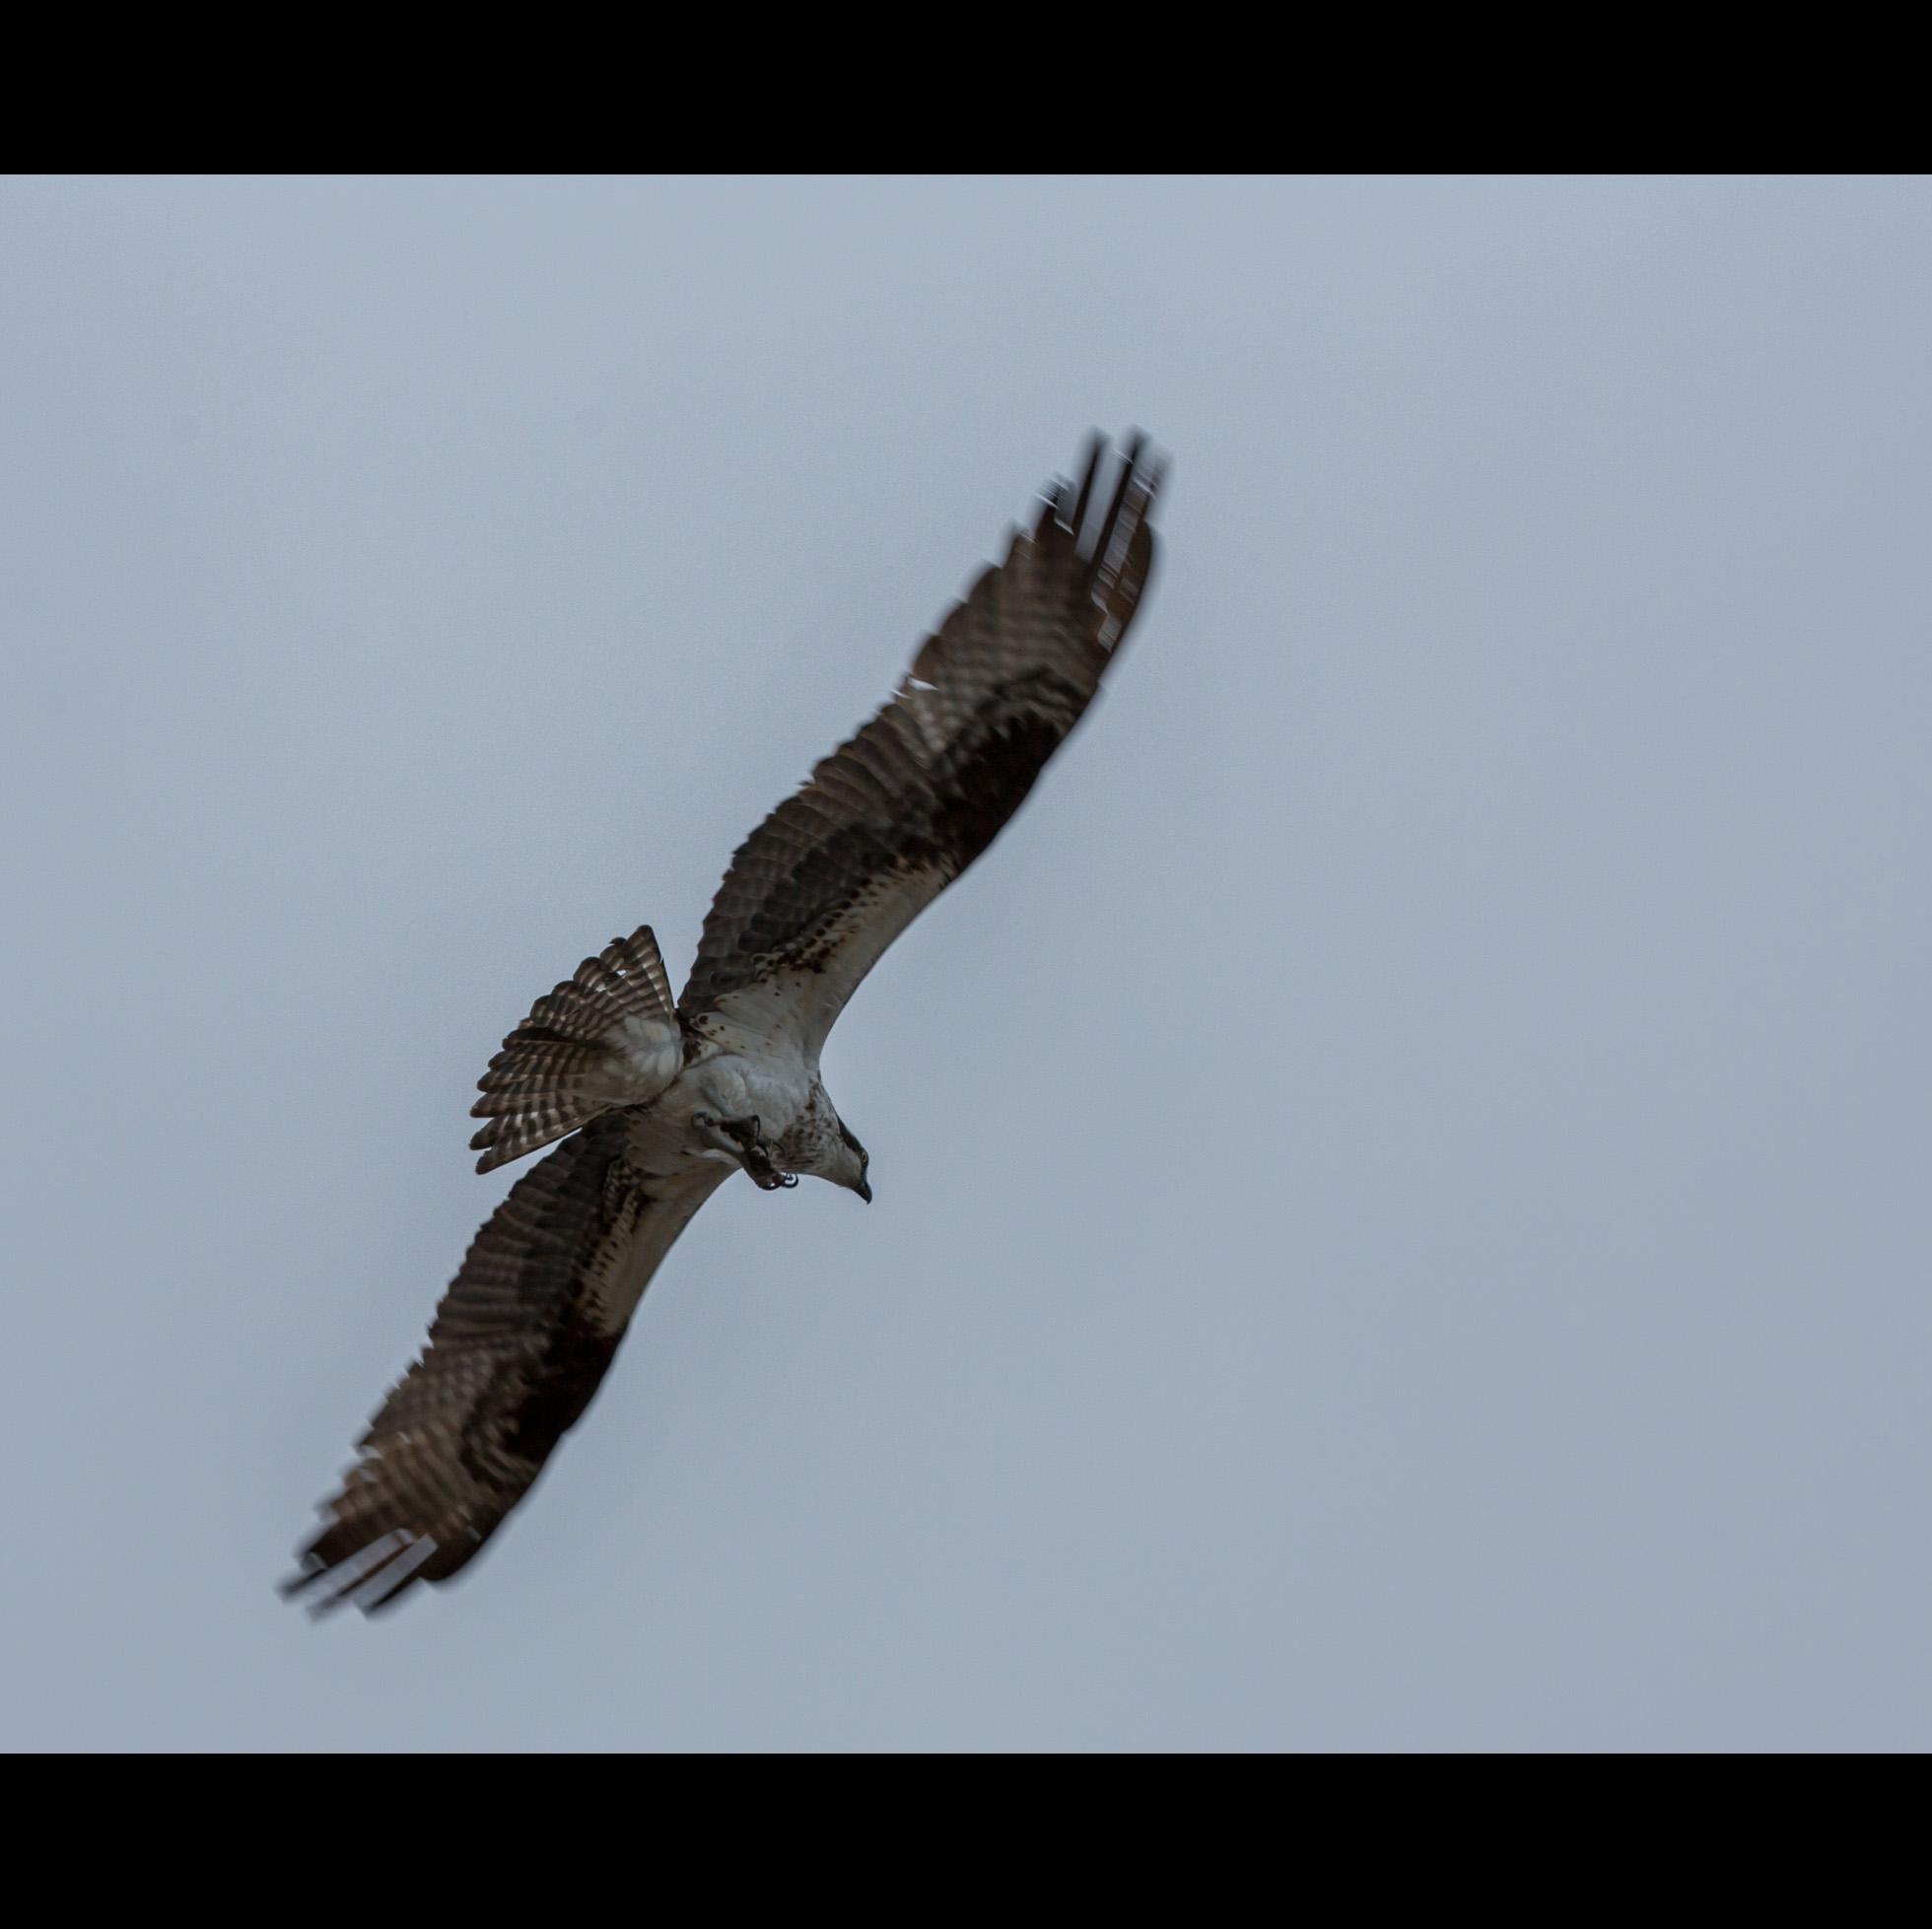 4.7 OSPREY FLYING